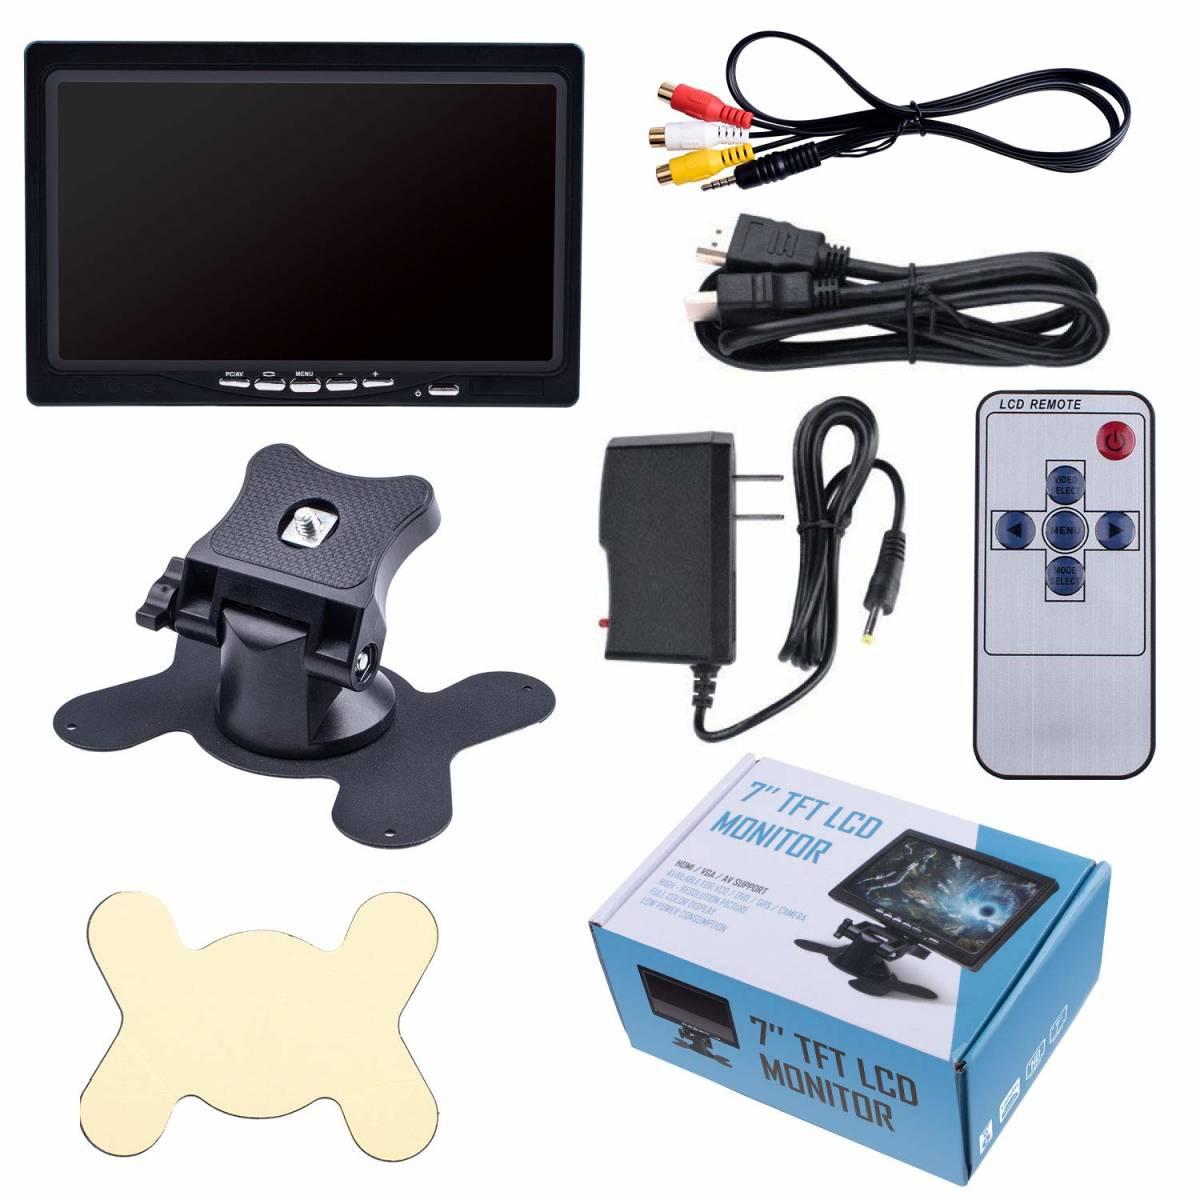 7インチ モニター 小型 1024*600高解像度 HDMI VGA AVポート TFT LED CCTV IPSパネル PCディスプレイ スピーカー内蔵 リモコン 新品未使用_画像7